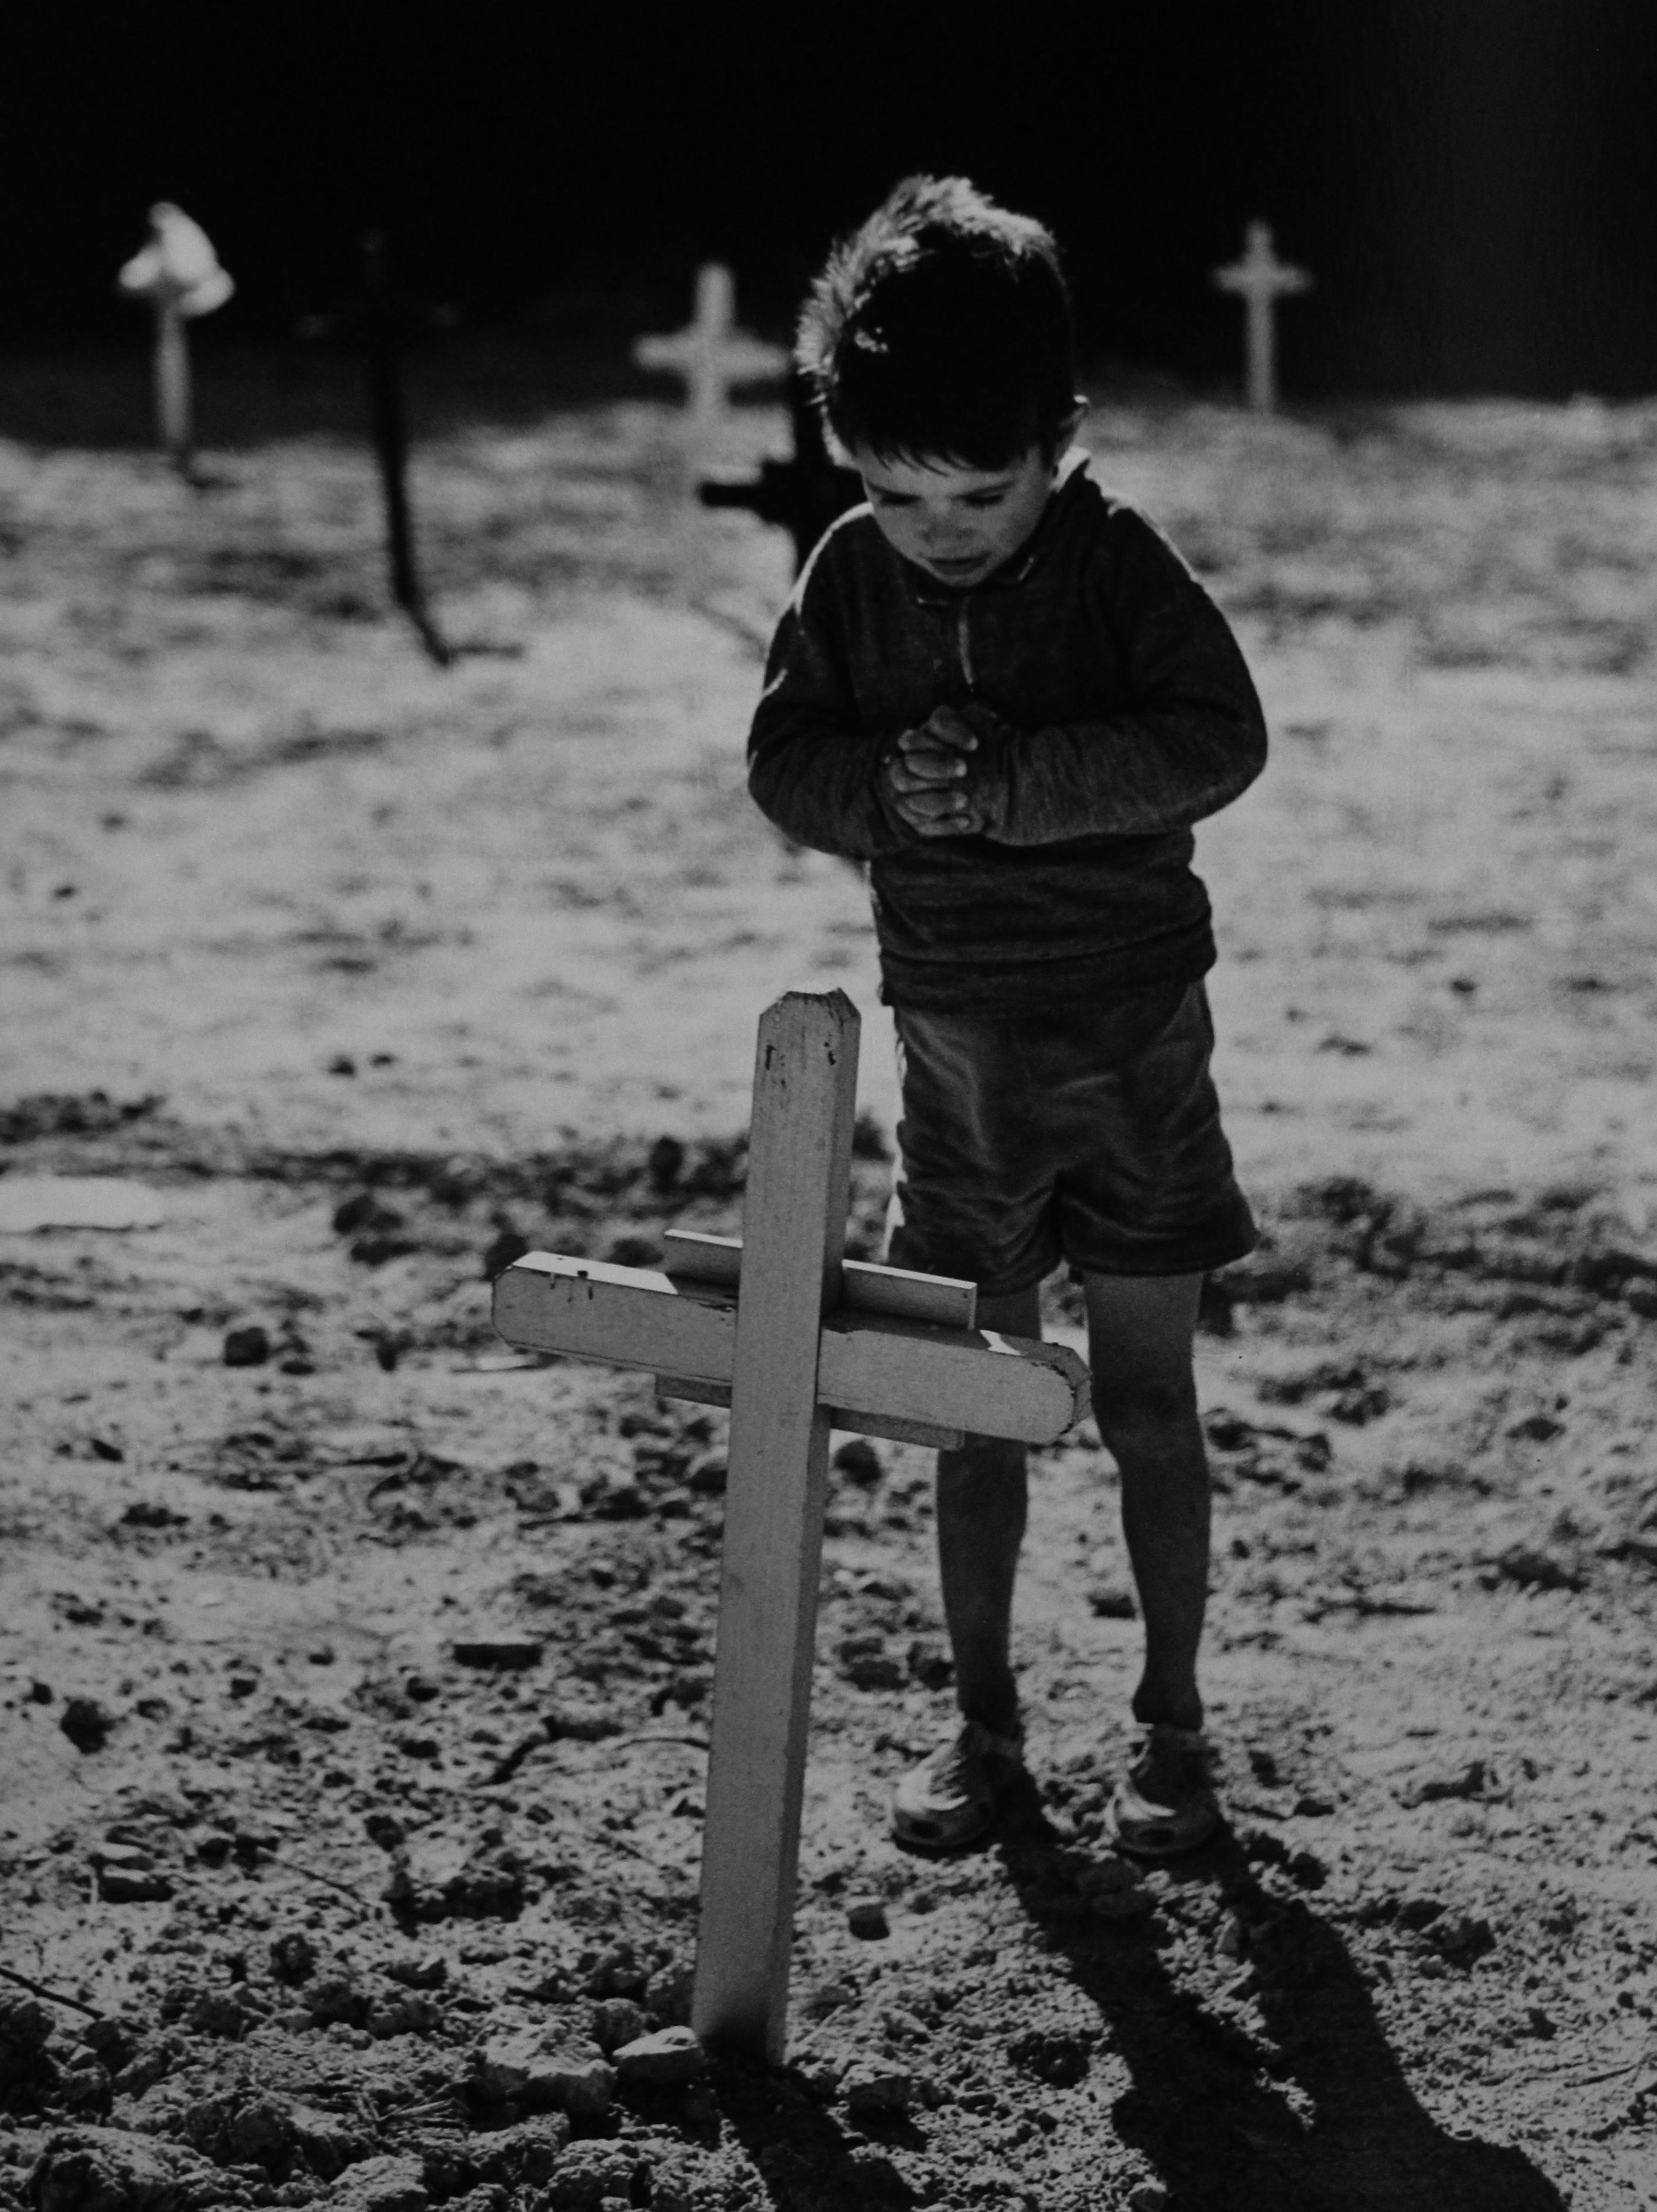 Eugeni Forcano. ¿Cómo entender la muerte tan temprano?, 1963<br/>Gelatina de plata